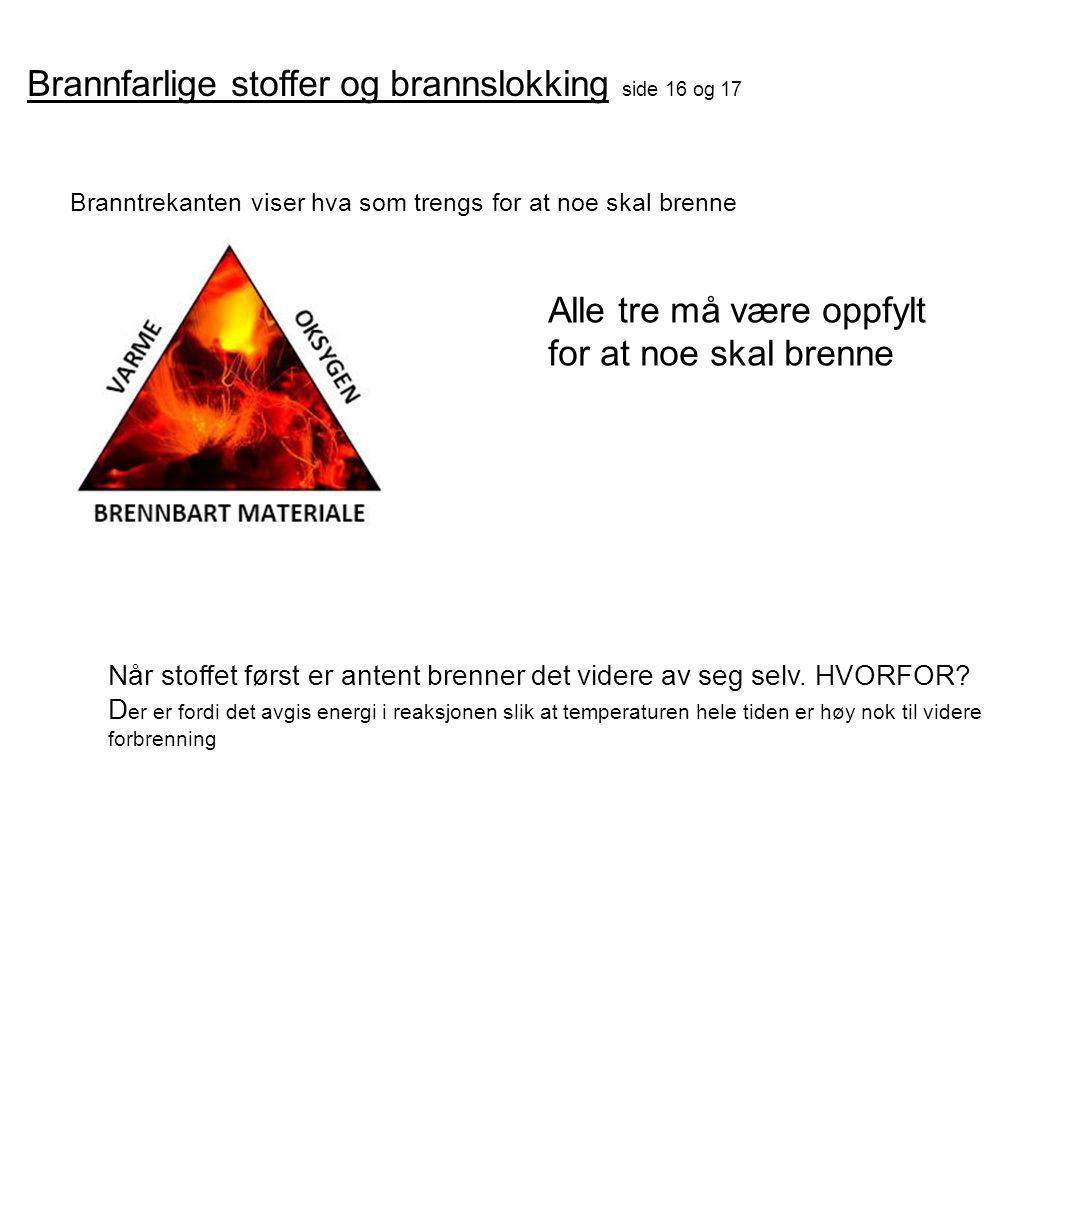 Brannfarlige stoffer og brannslokking side 16 og 17 Branntrekanten viser hva som trengs for at noe skal brenne Alle tre må være oppfylt for at noe skal brenne Når stoffet først er antent brenner det videre av seg selv.